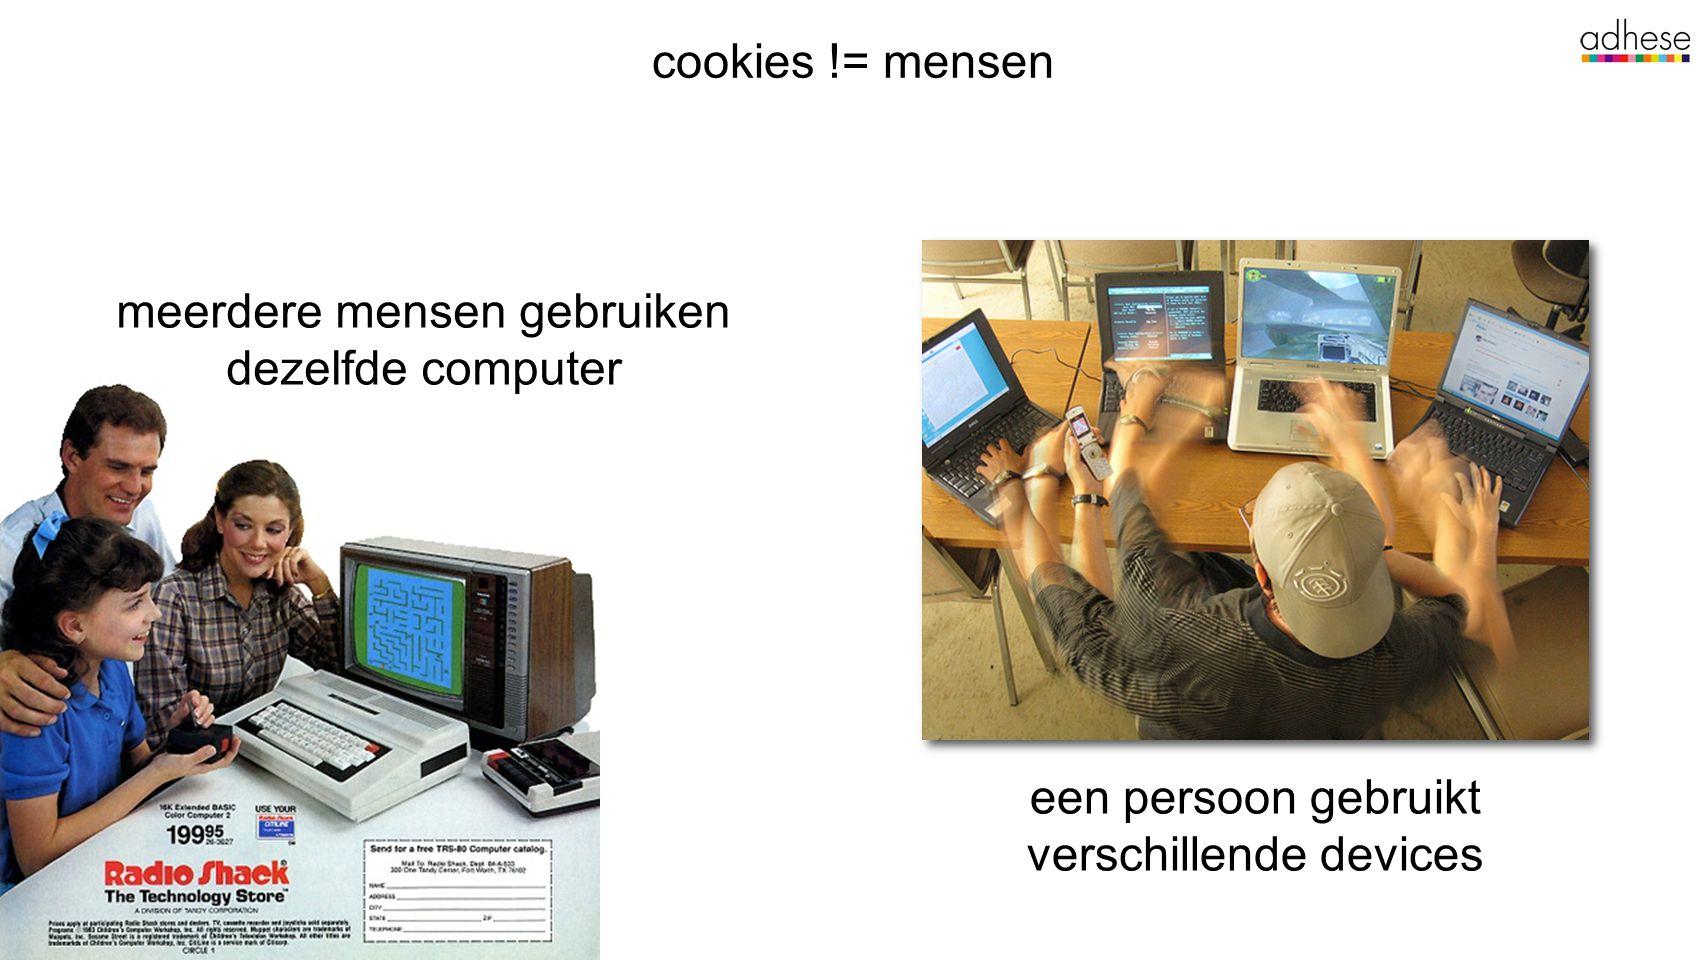 browsers kunnen cookies weigeren surfers kunnen cookies wissen blocken en wissen van cookies